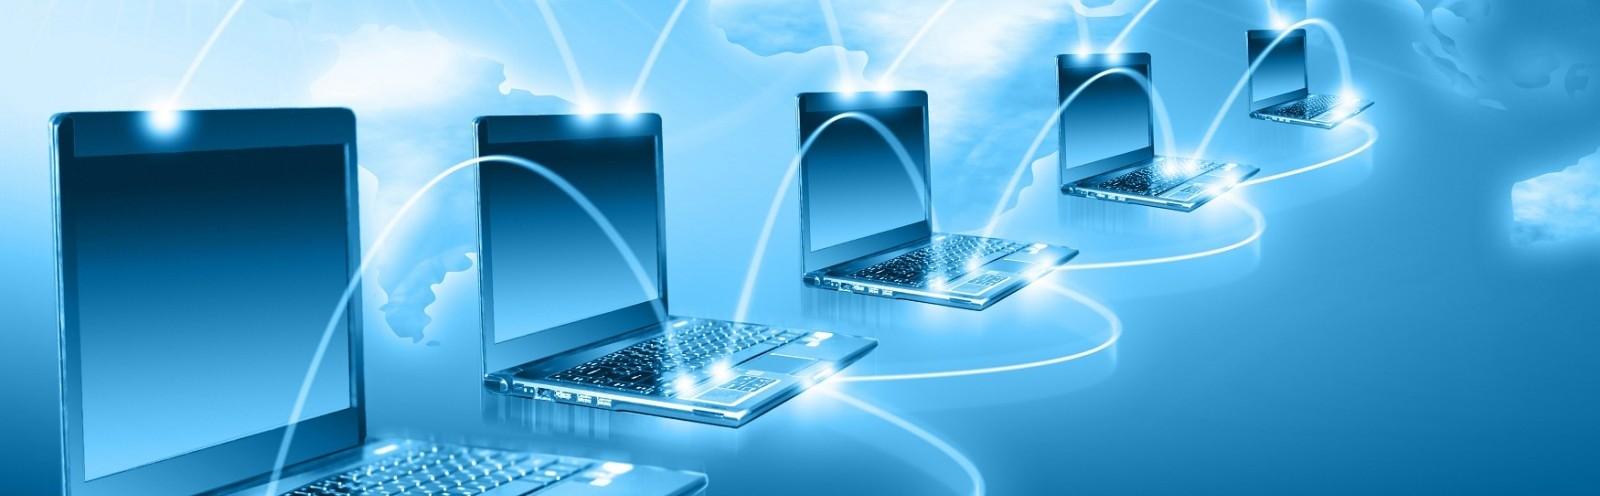 Внедрение систем виртуализации